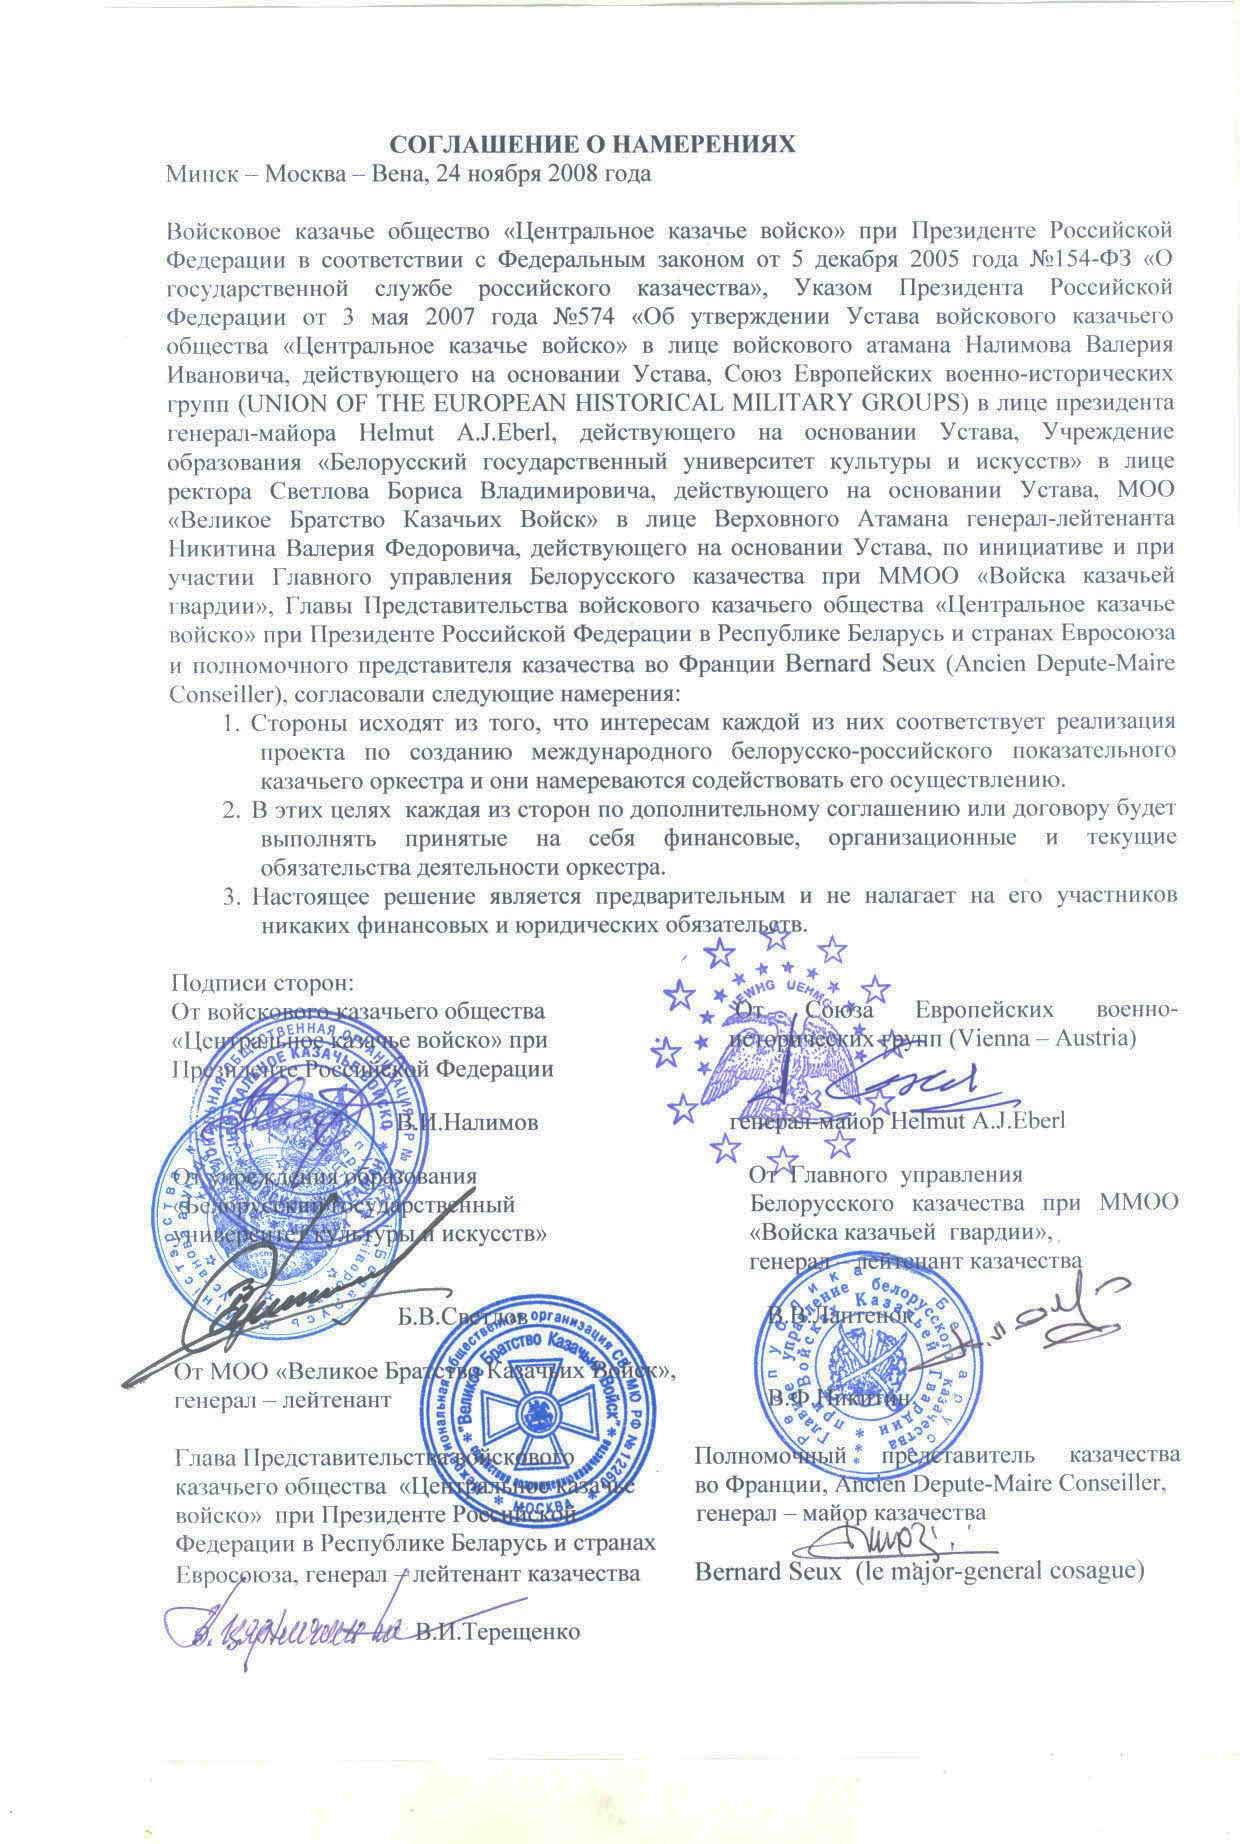 Образец договора о намерениях сотрудничества в сфере ремонта они приблизились